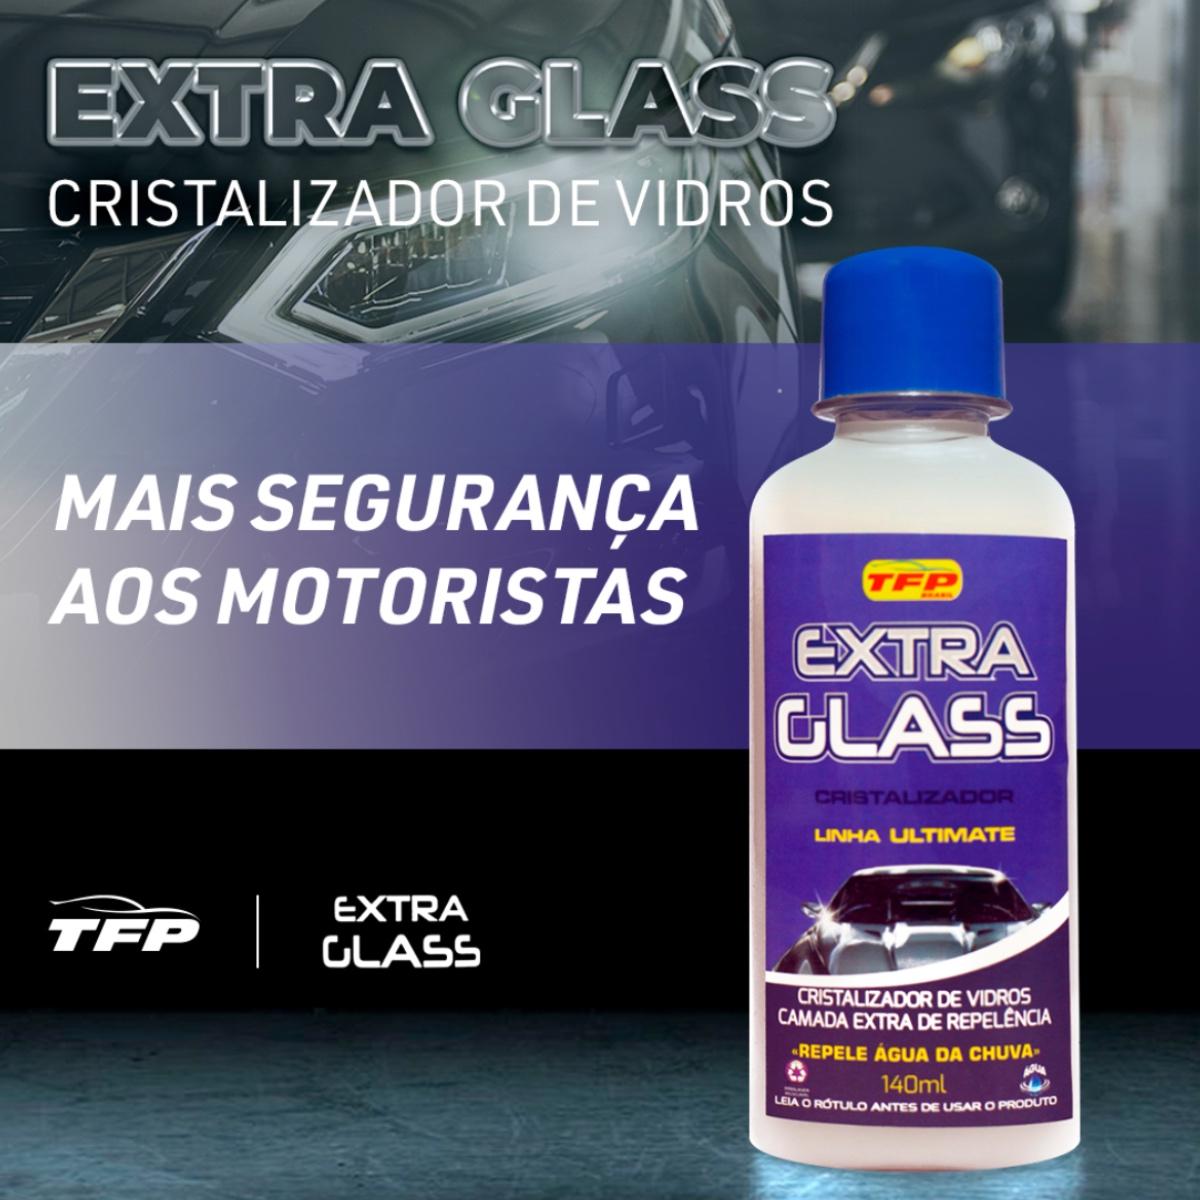 Cristalizador Impermeabilizante Vidros Extra Glass TFP 140ml